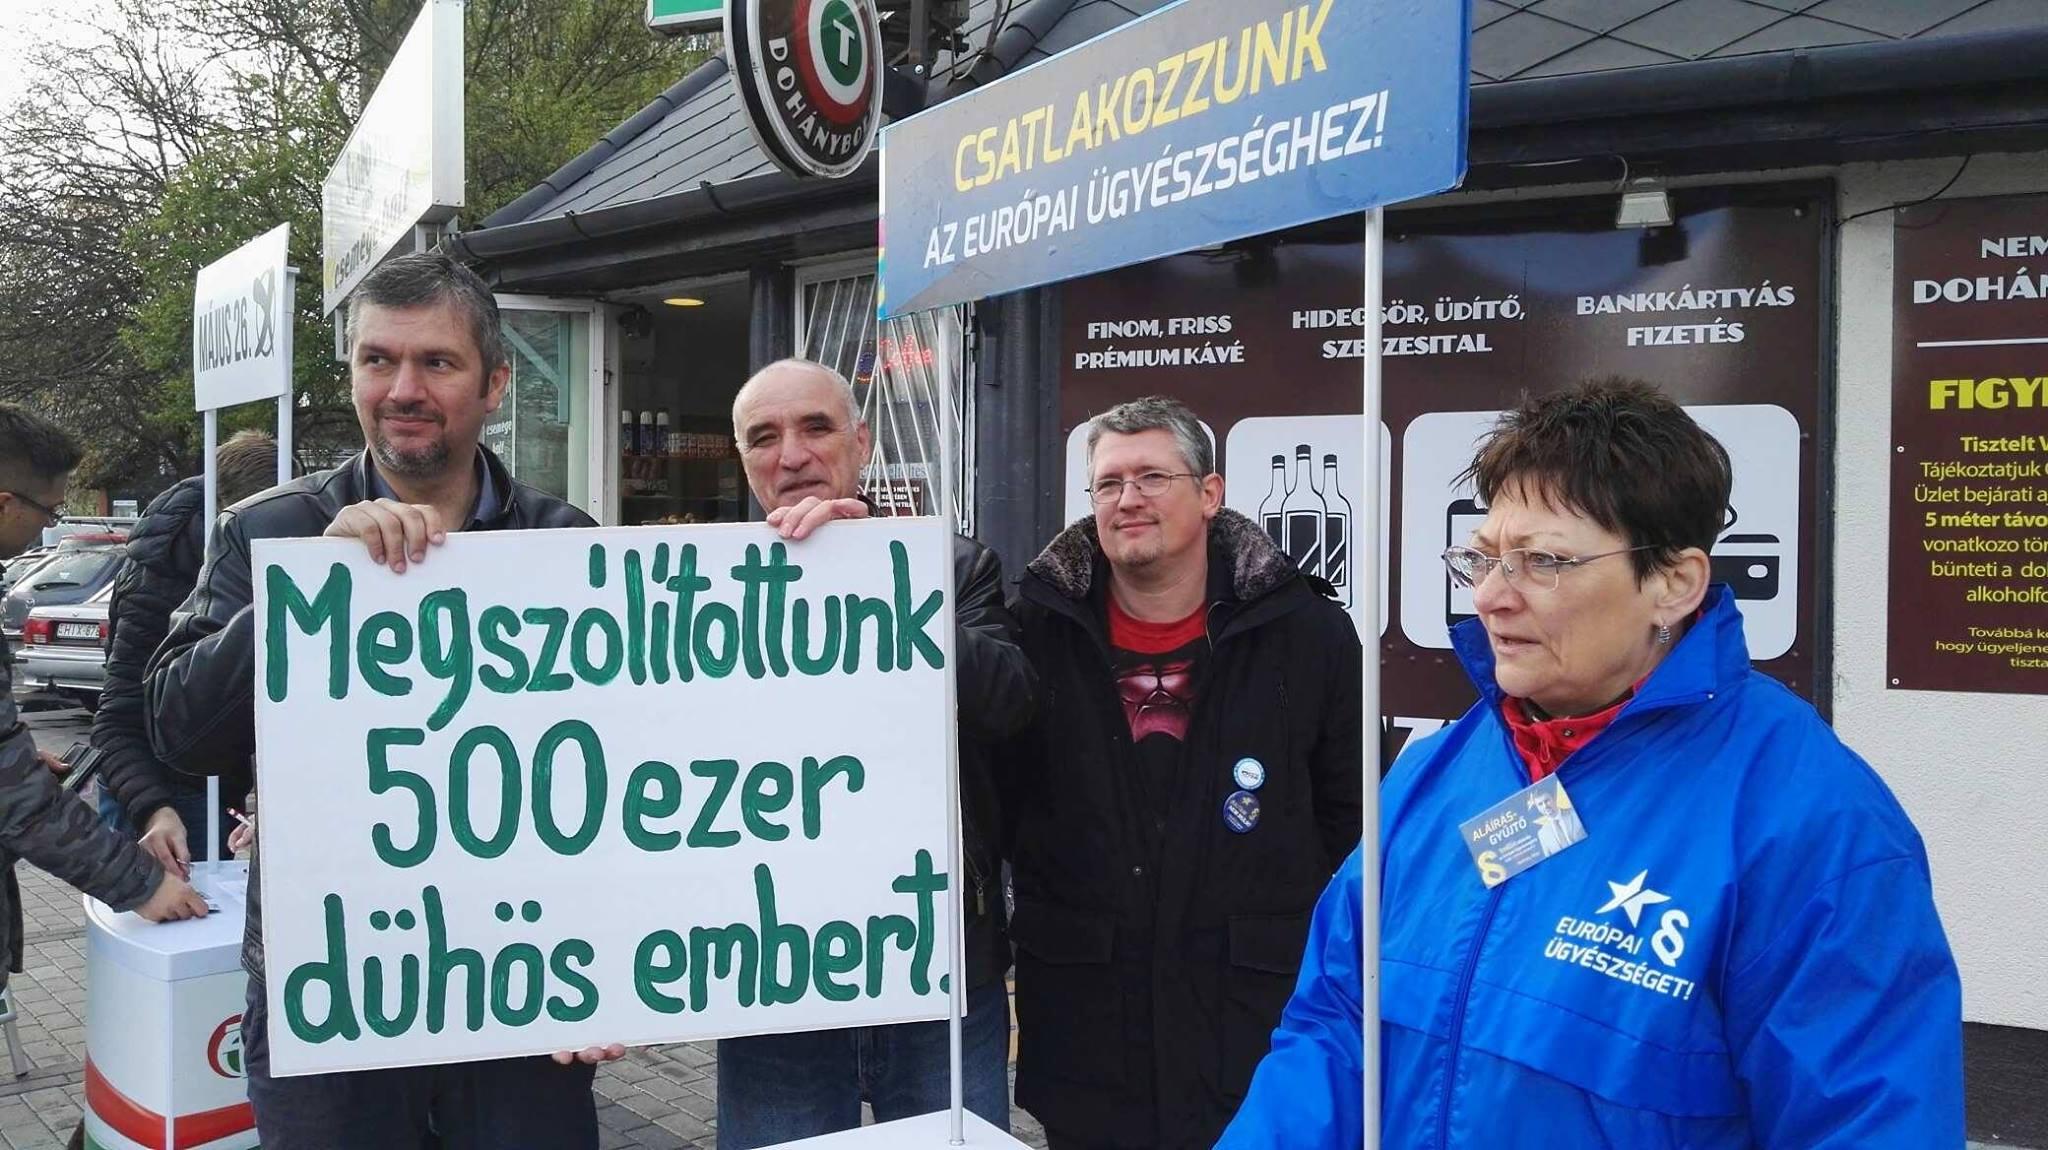 Félmillió aláírást gyűjtött össze Hadházy Ákos azért, hogy Magyarország csatlakozzon az Európai Ügyészséghez